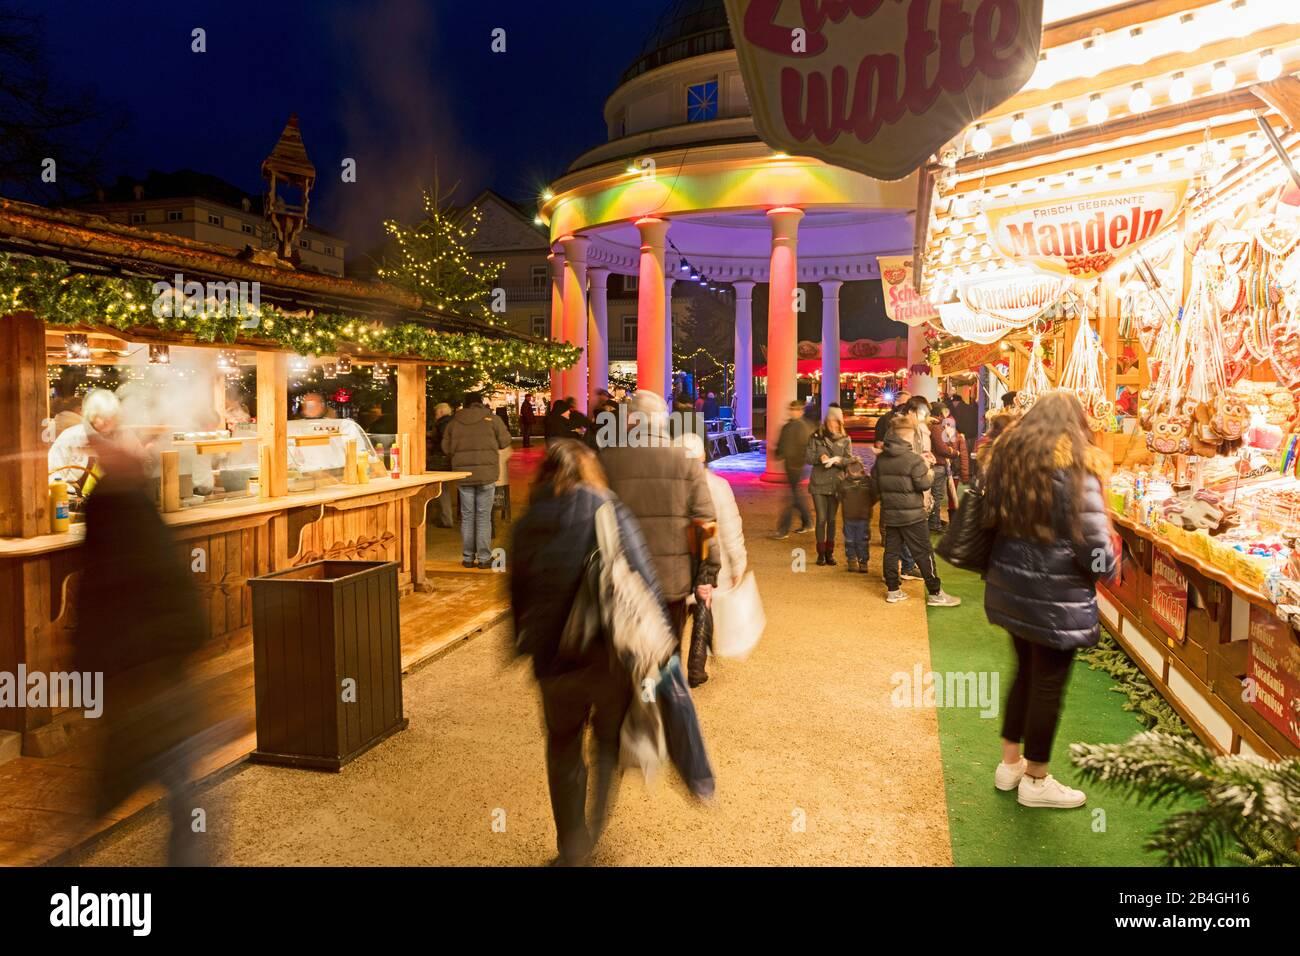 Marché De Noël, Avent, Noël, Heure Bleue, Bad Pyrmont, Weserbergland, Basse-Saxe, Allemagne, Europe Banque D'Images